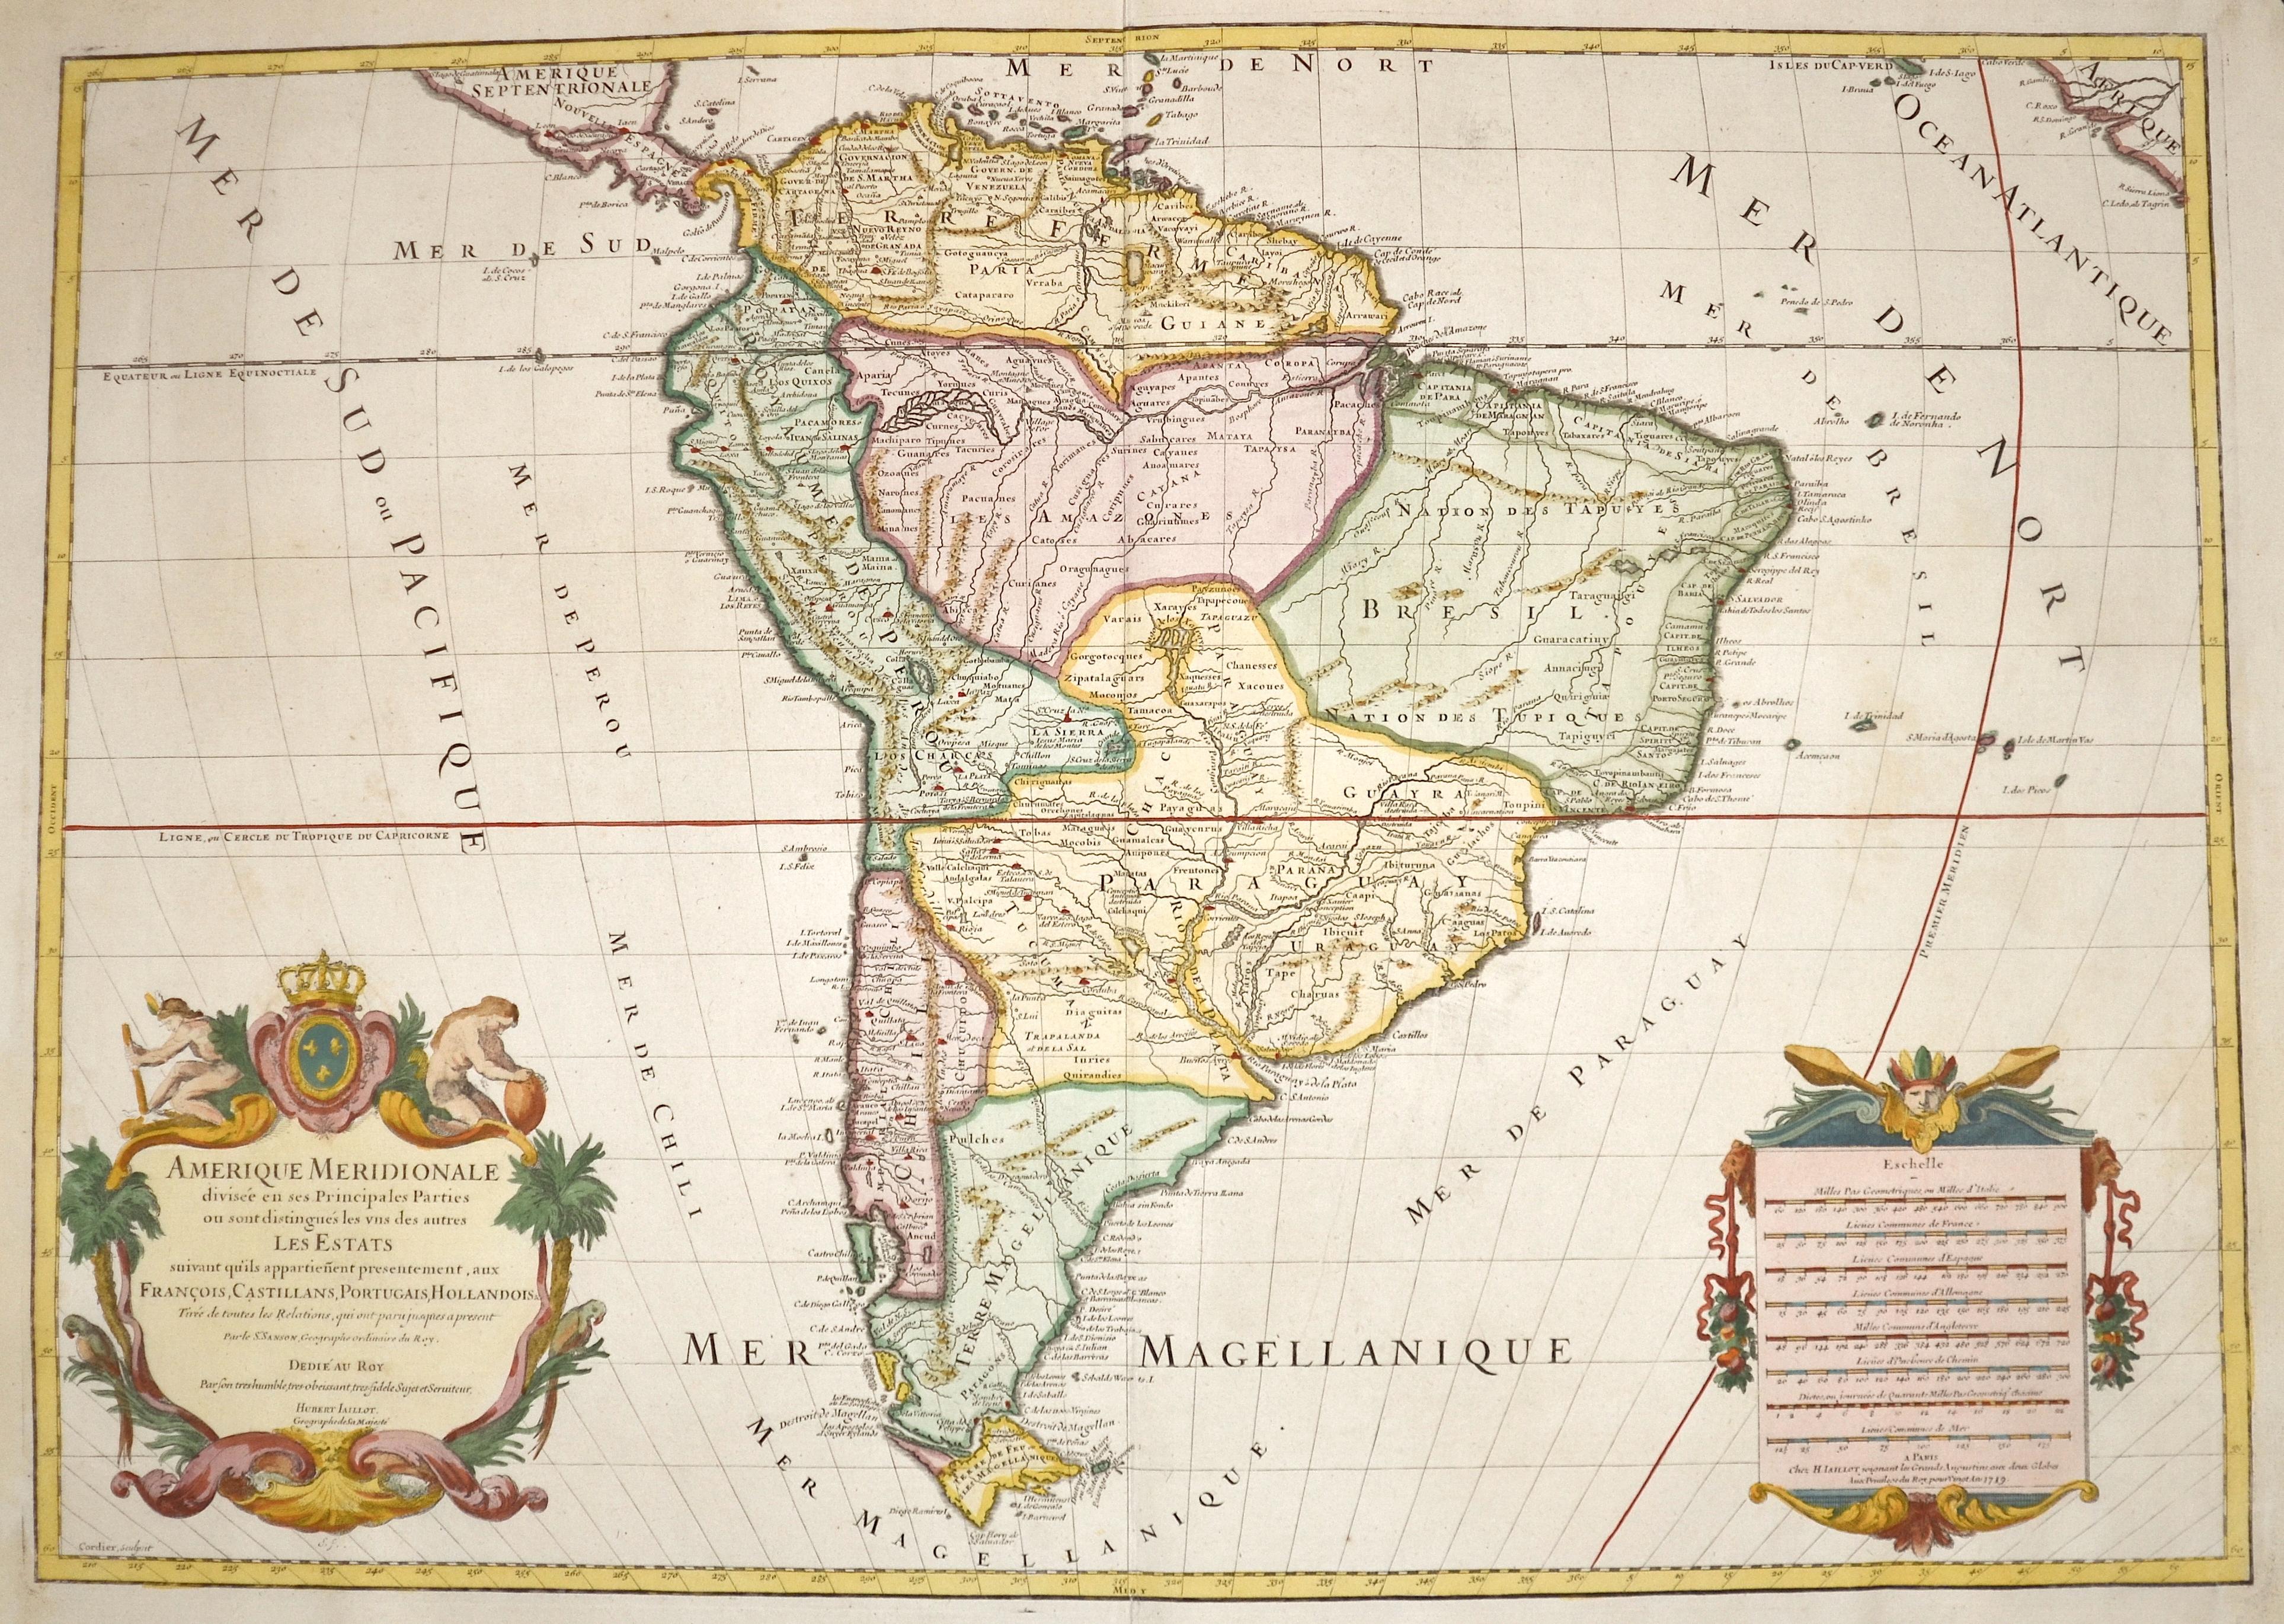 Jaillot/ Sanson  Amerique Meridionale divisée en ses Principales Parties ou sont distingués les uns des autres les Estats..